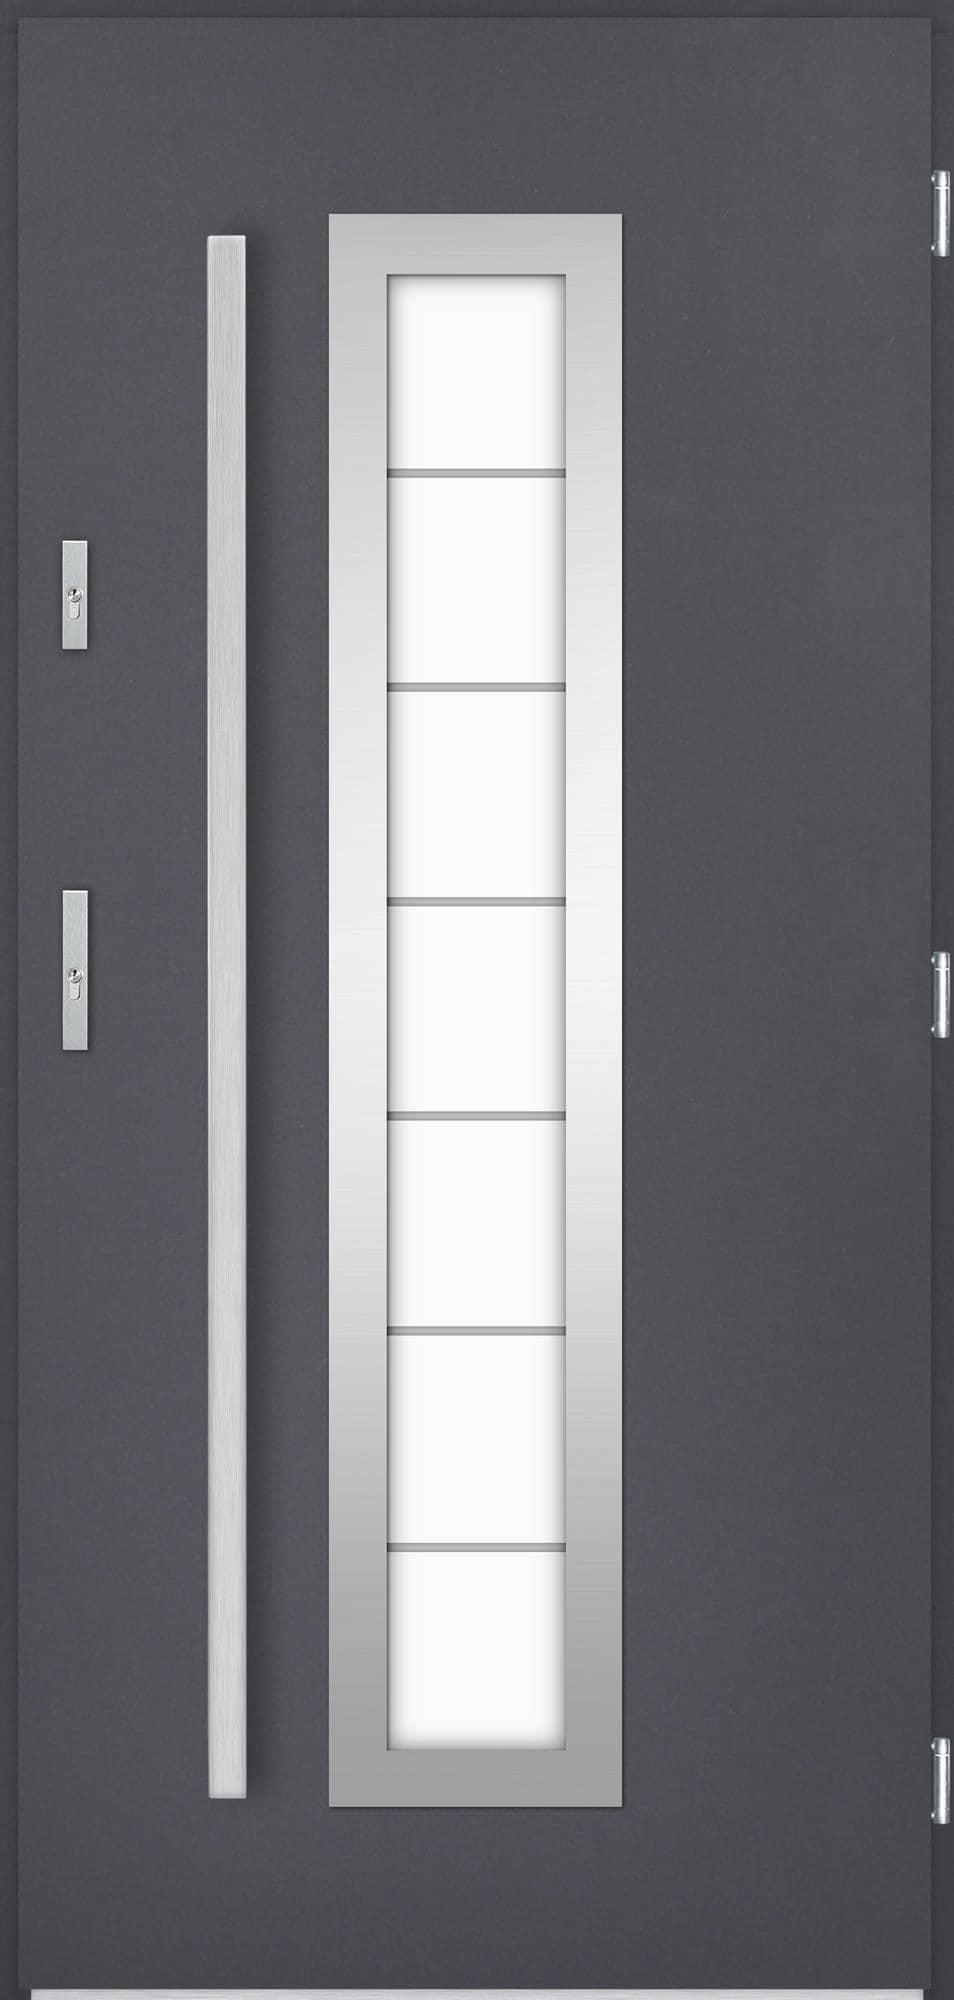 Venkovní vchodové dveøe Hevelio, antracit